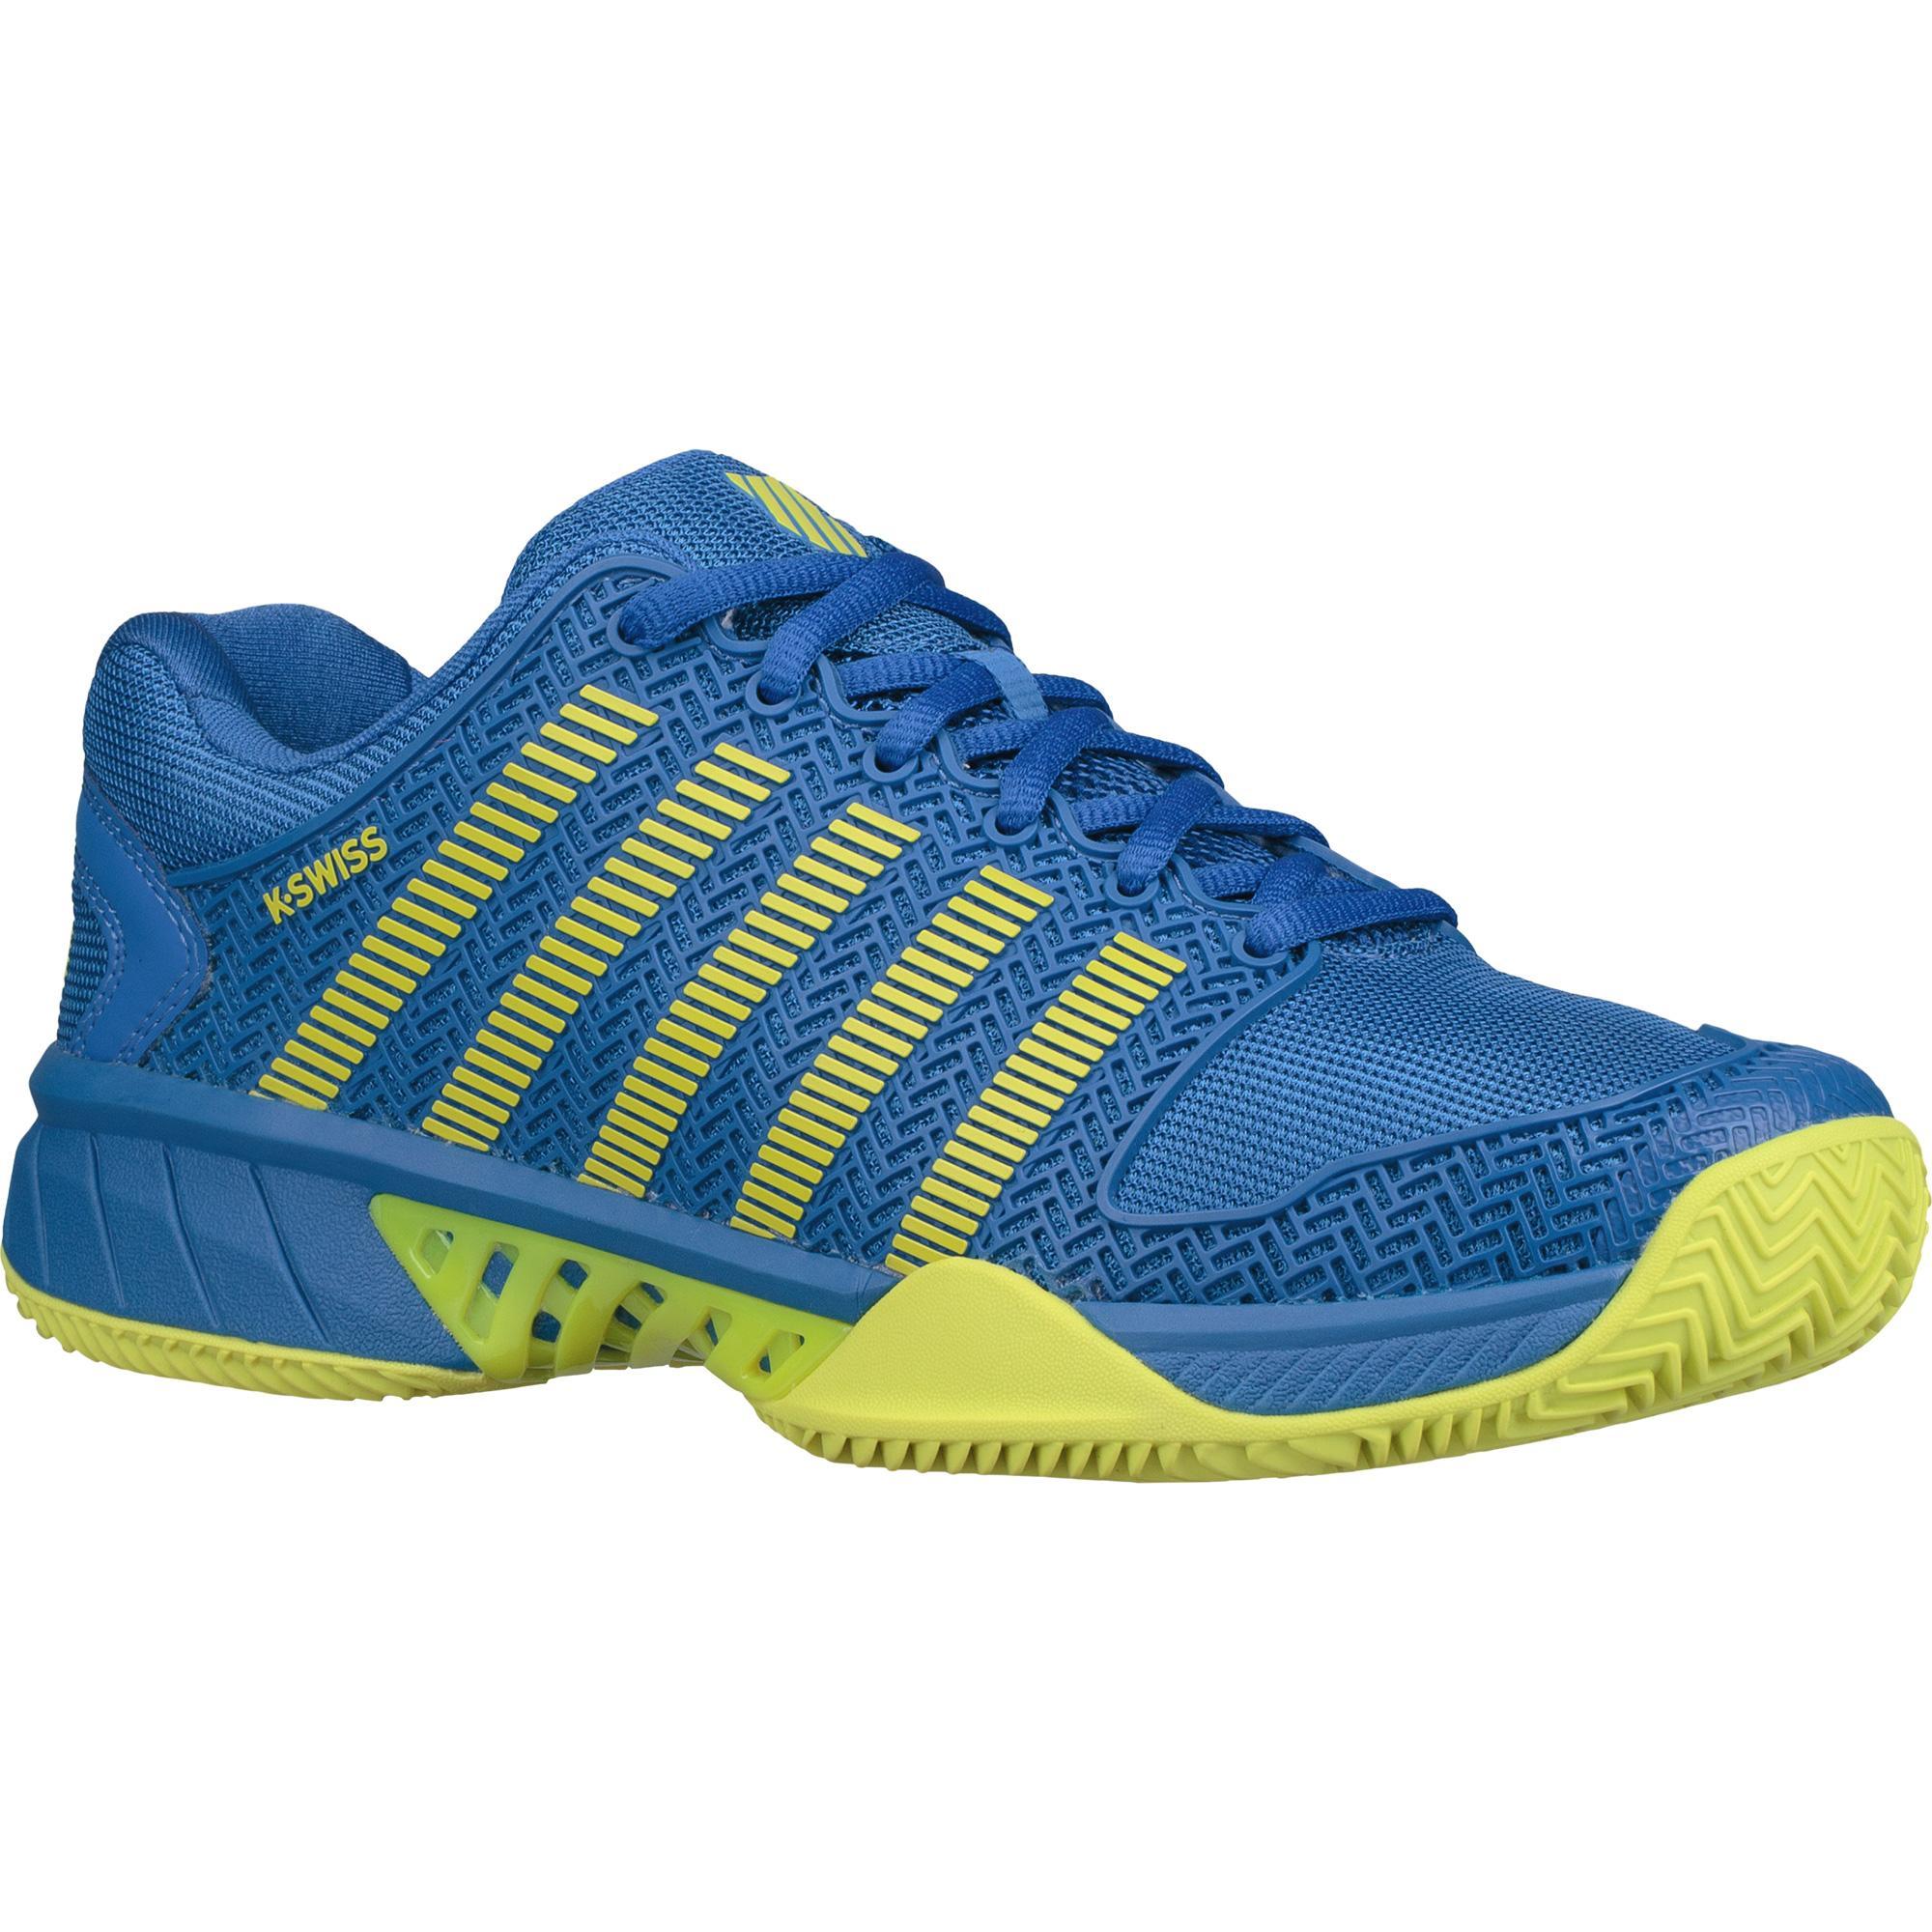 K-Swiss Mens Hypercourt Express HB Tennis Shoes - Blue/Citron - Tennisnuts.com